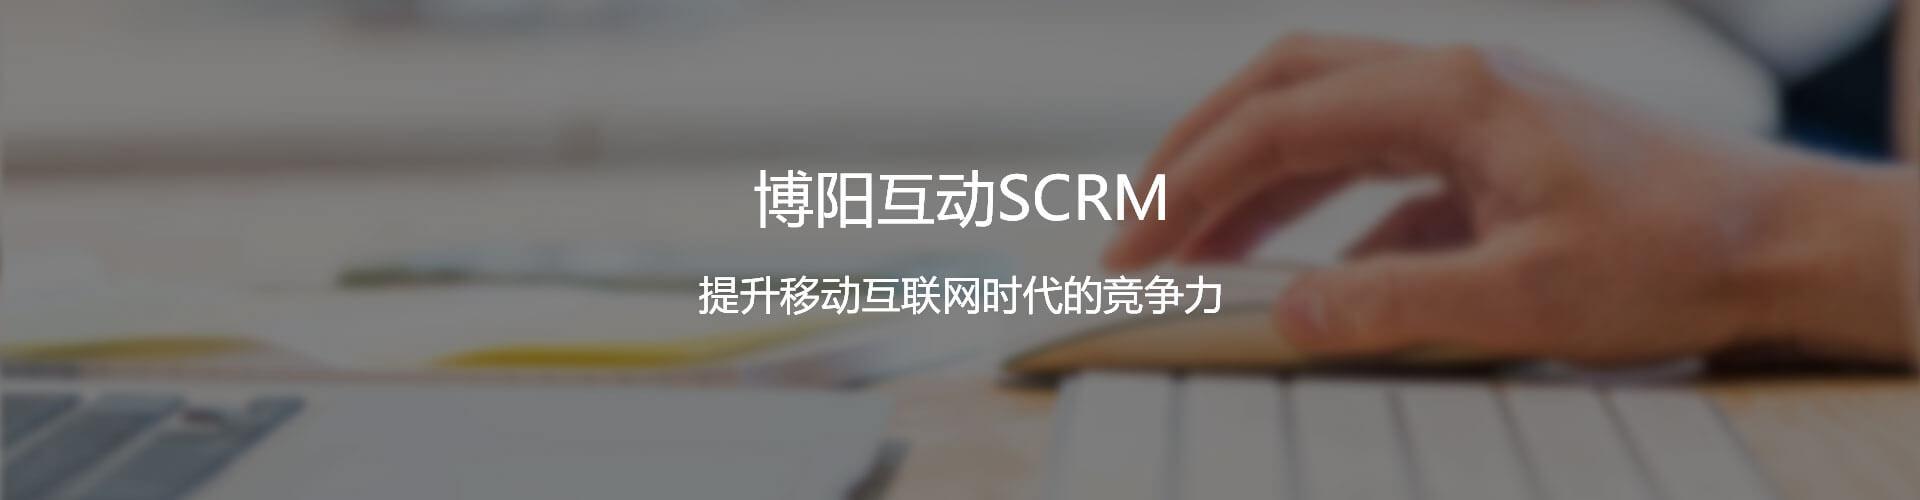 购物中心SCRM解决方案